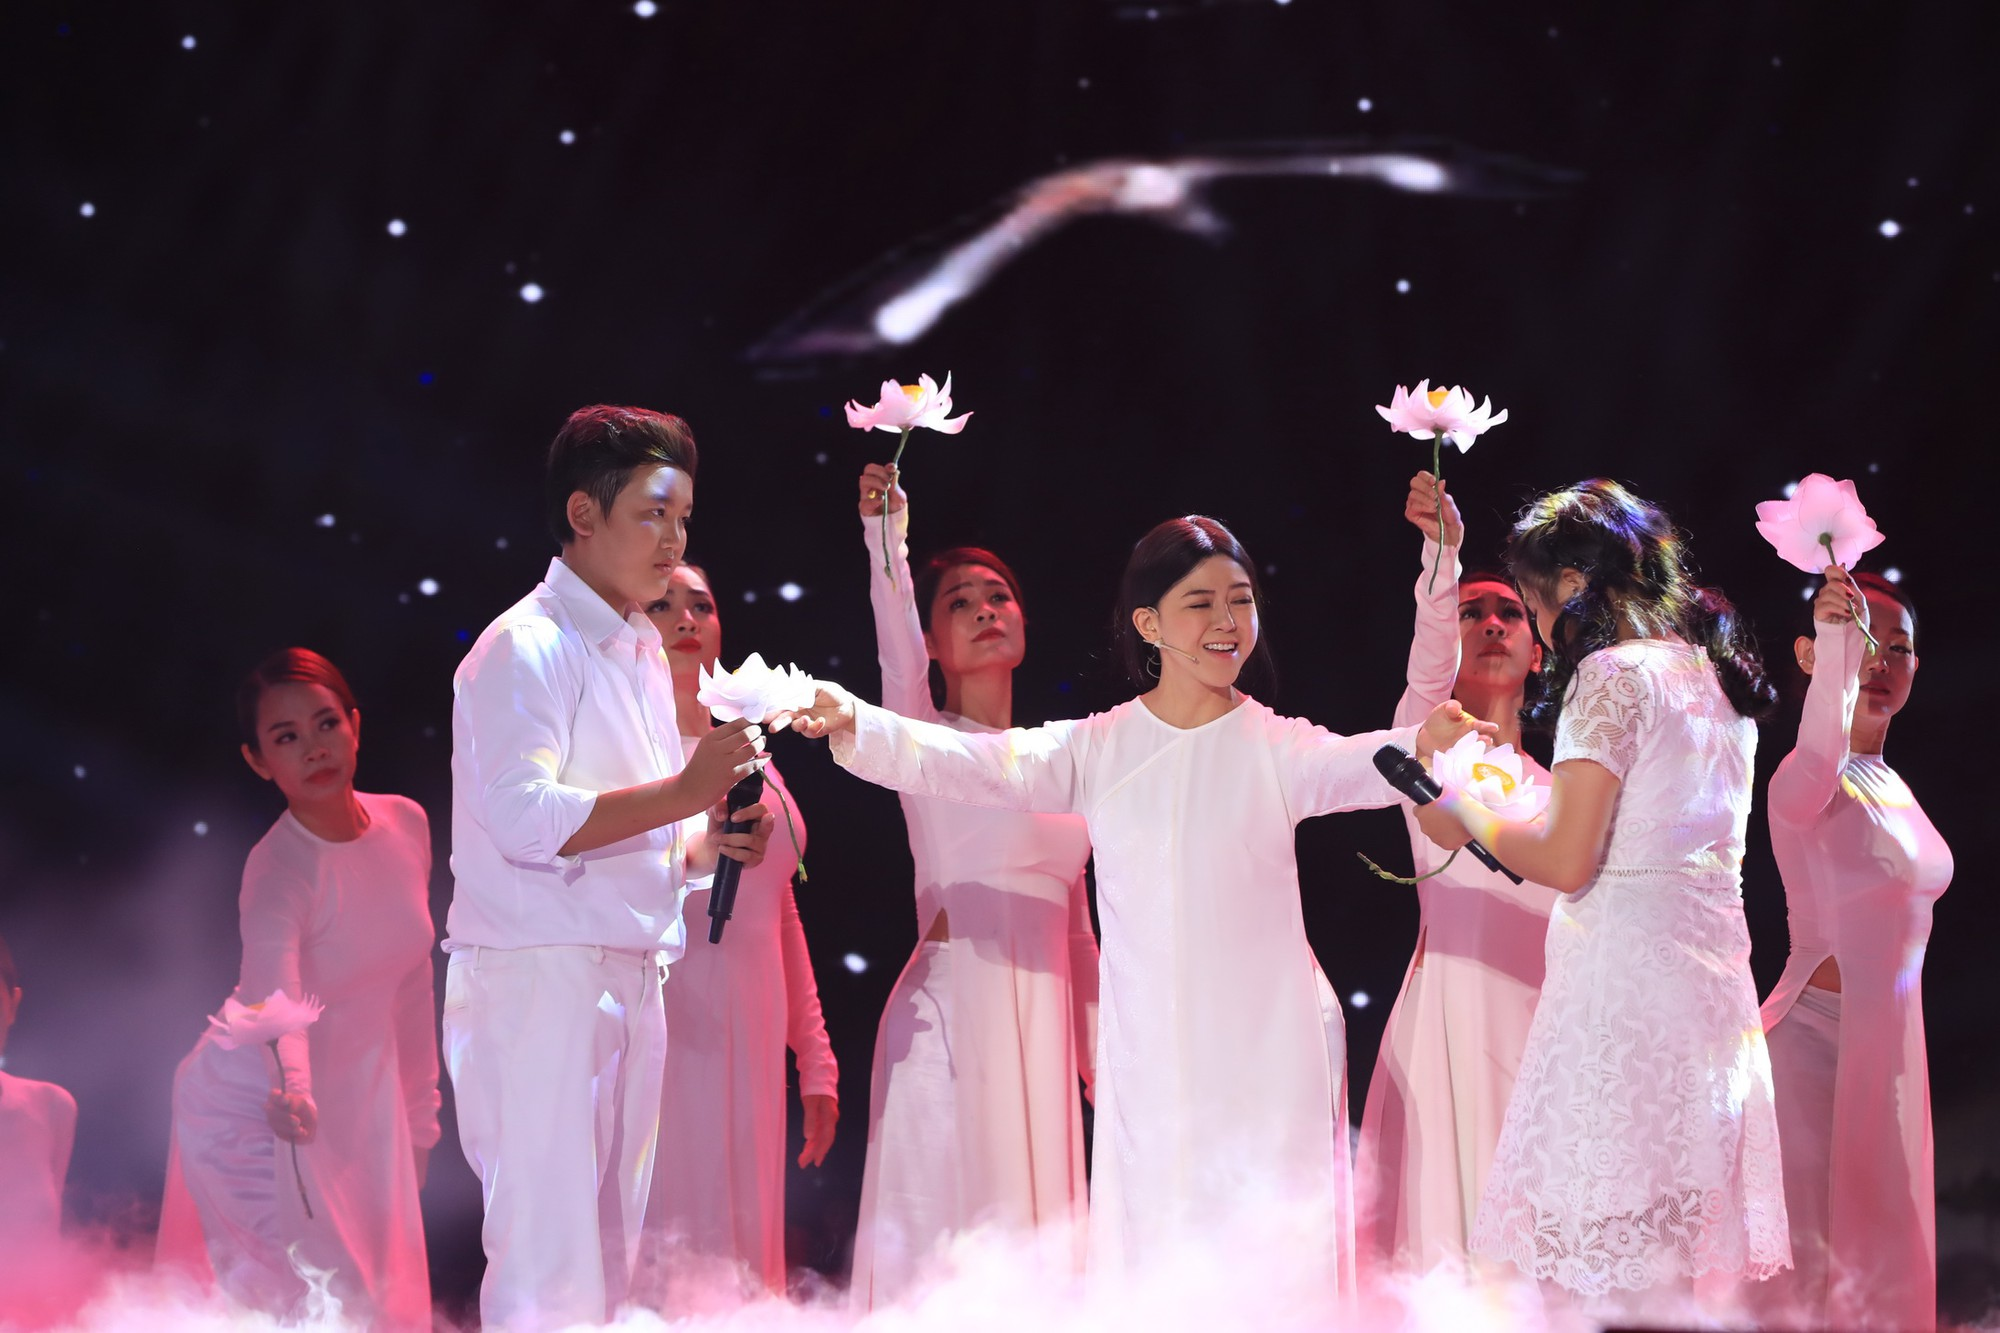 Tuyệt đỉnh song ca nhí 2019 kết thúc với chiến thắng của đội Hồ Việt Trung - Diệu Nhi - Ảnh 15.